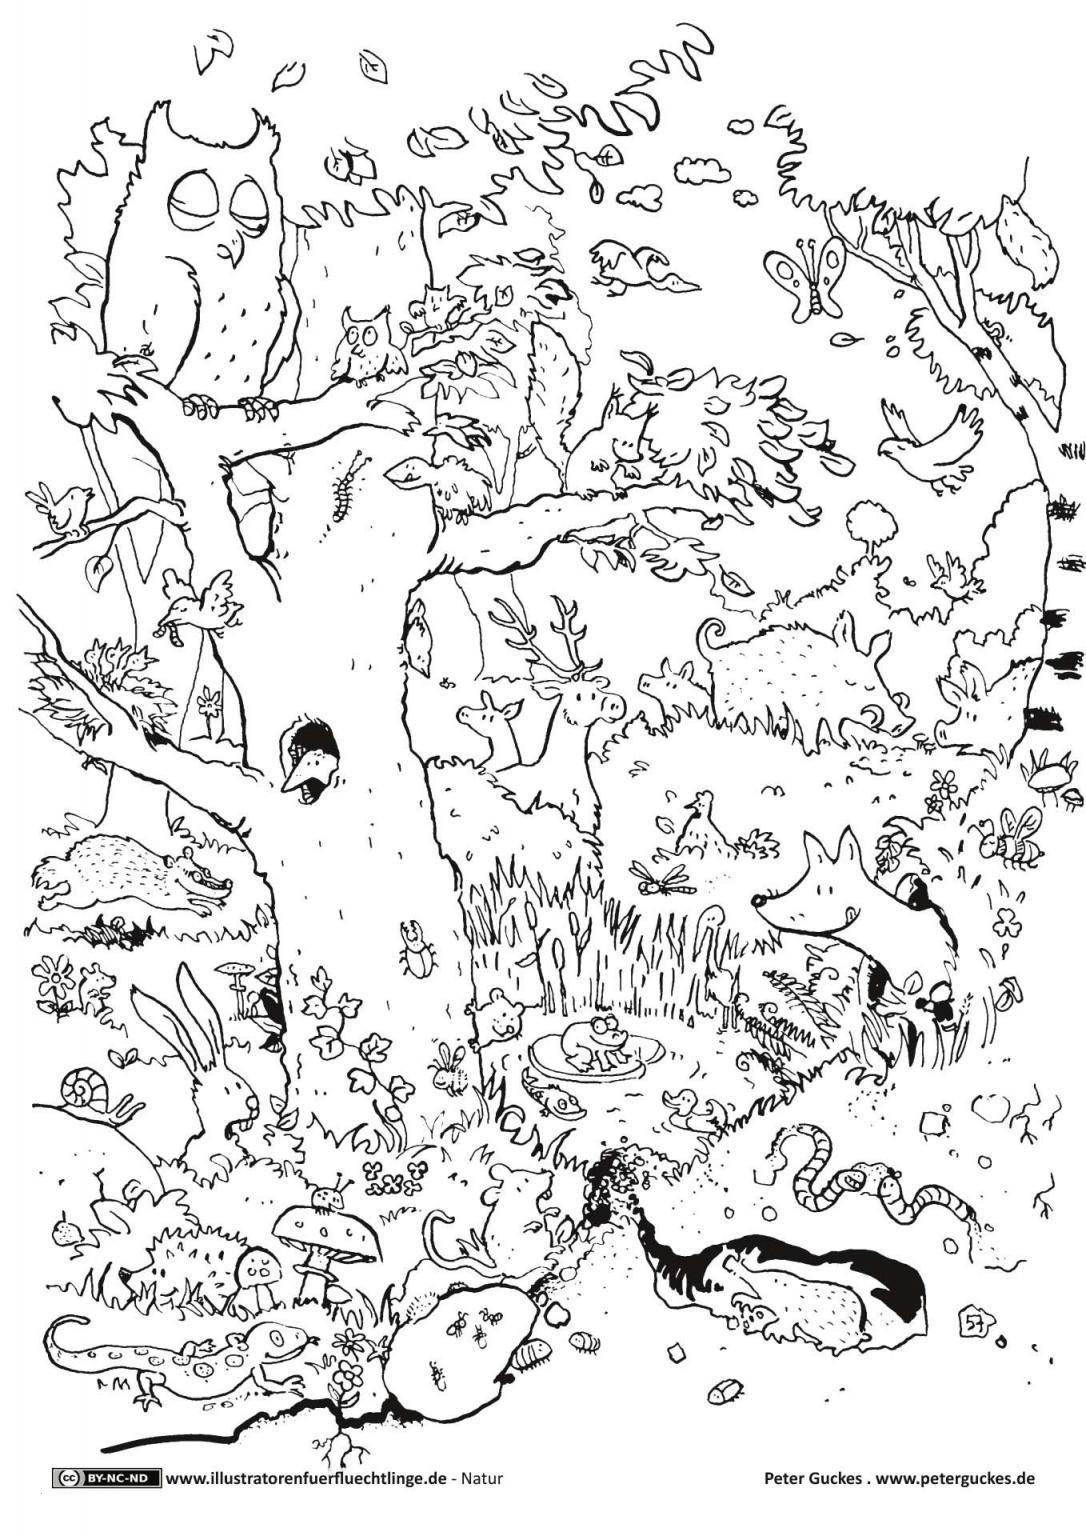 Ausmalbilder Kostenlos Ninjago Inspirierend Ninjago Ausmalbilder Cole Luxus Malvorlagen Ninjago Lloyd Frisch Bild